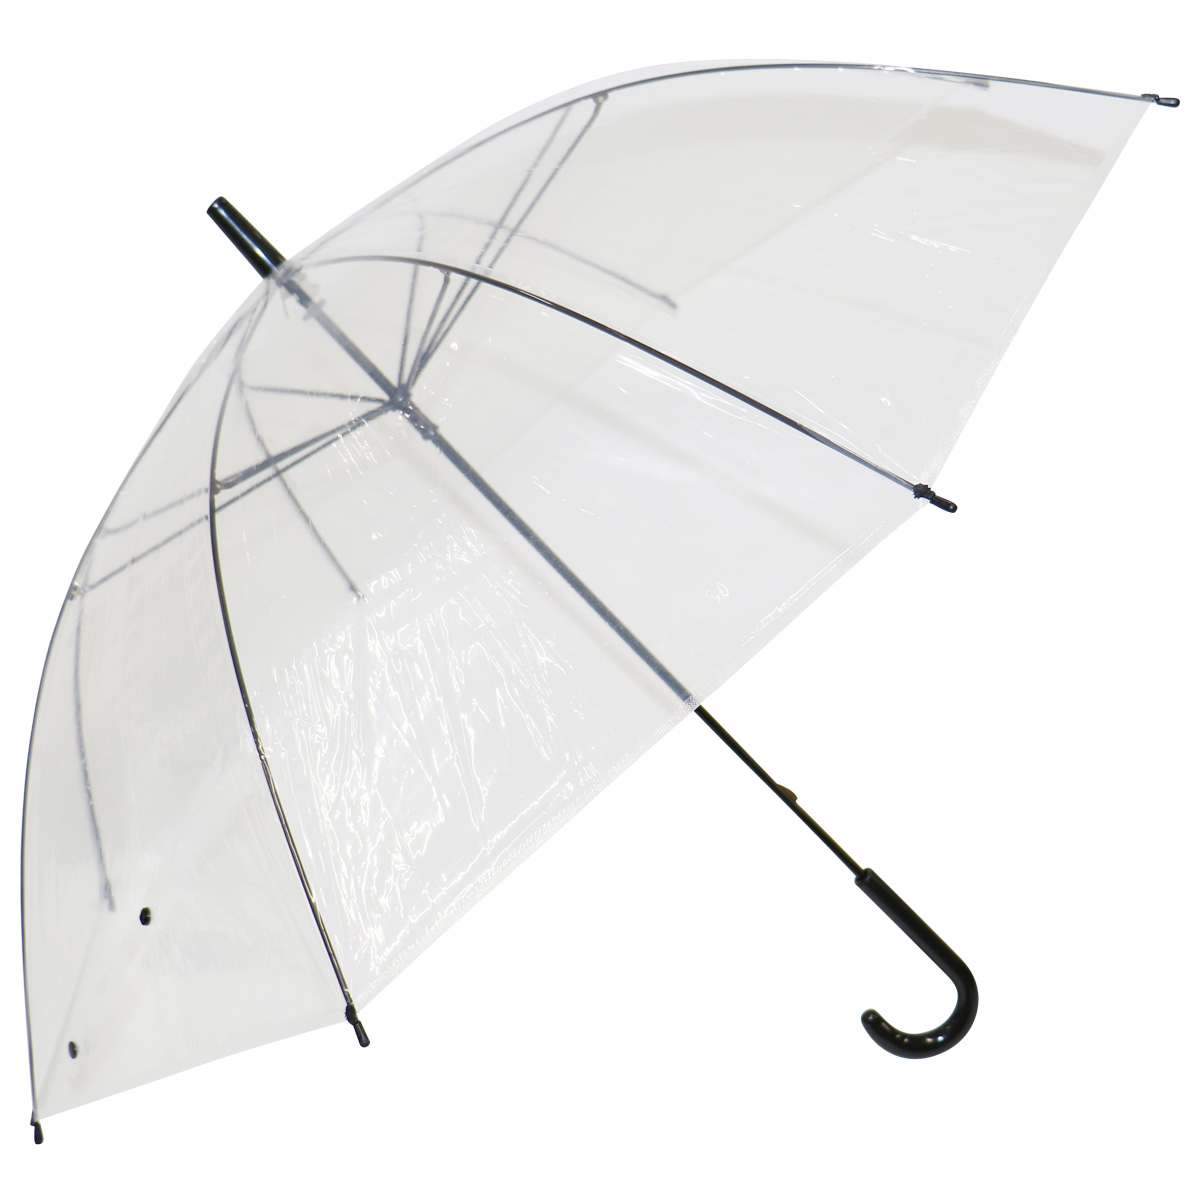 【送料無料】ビニール傘(透明)55cm 48本 / 傘 かさ まとめ買い 業務用 激安